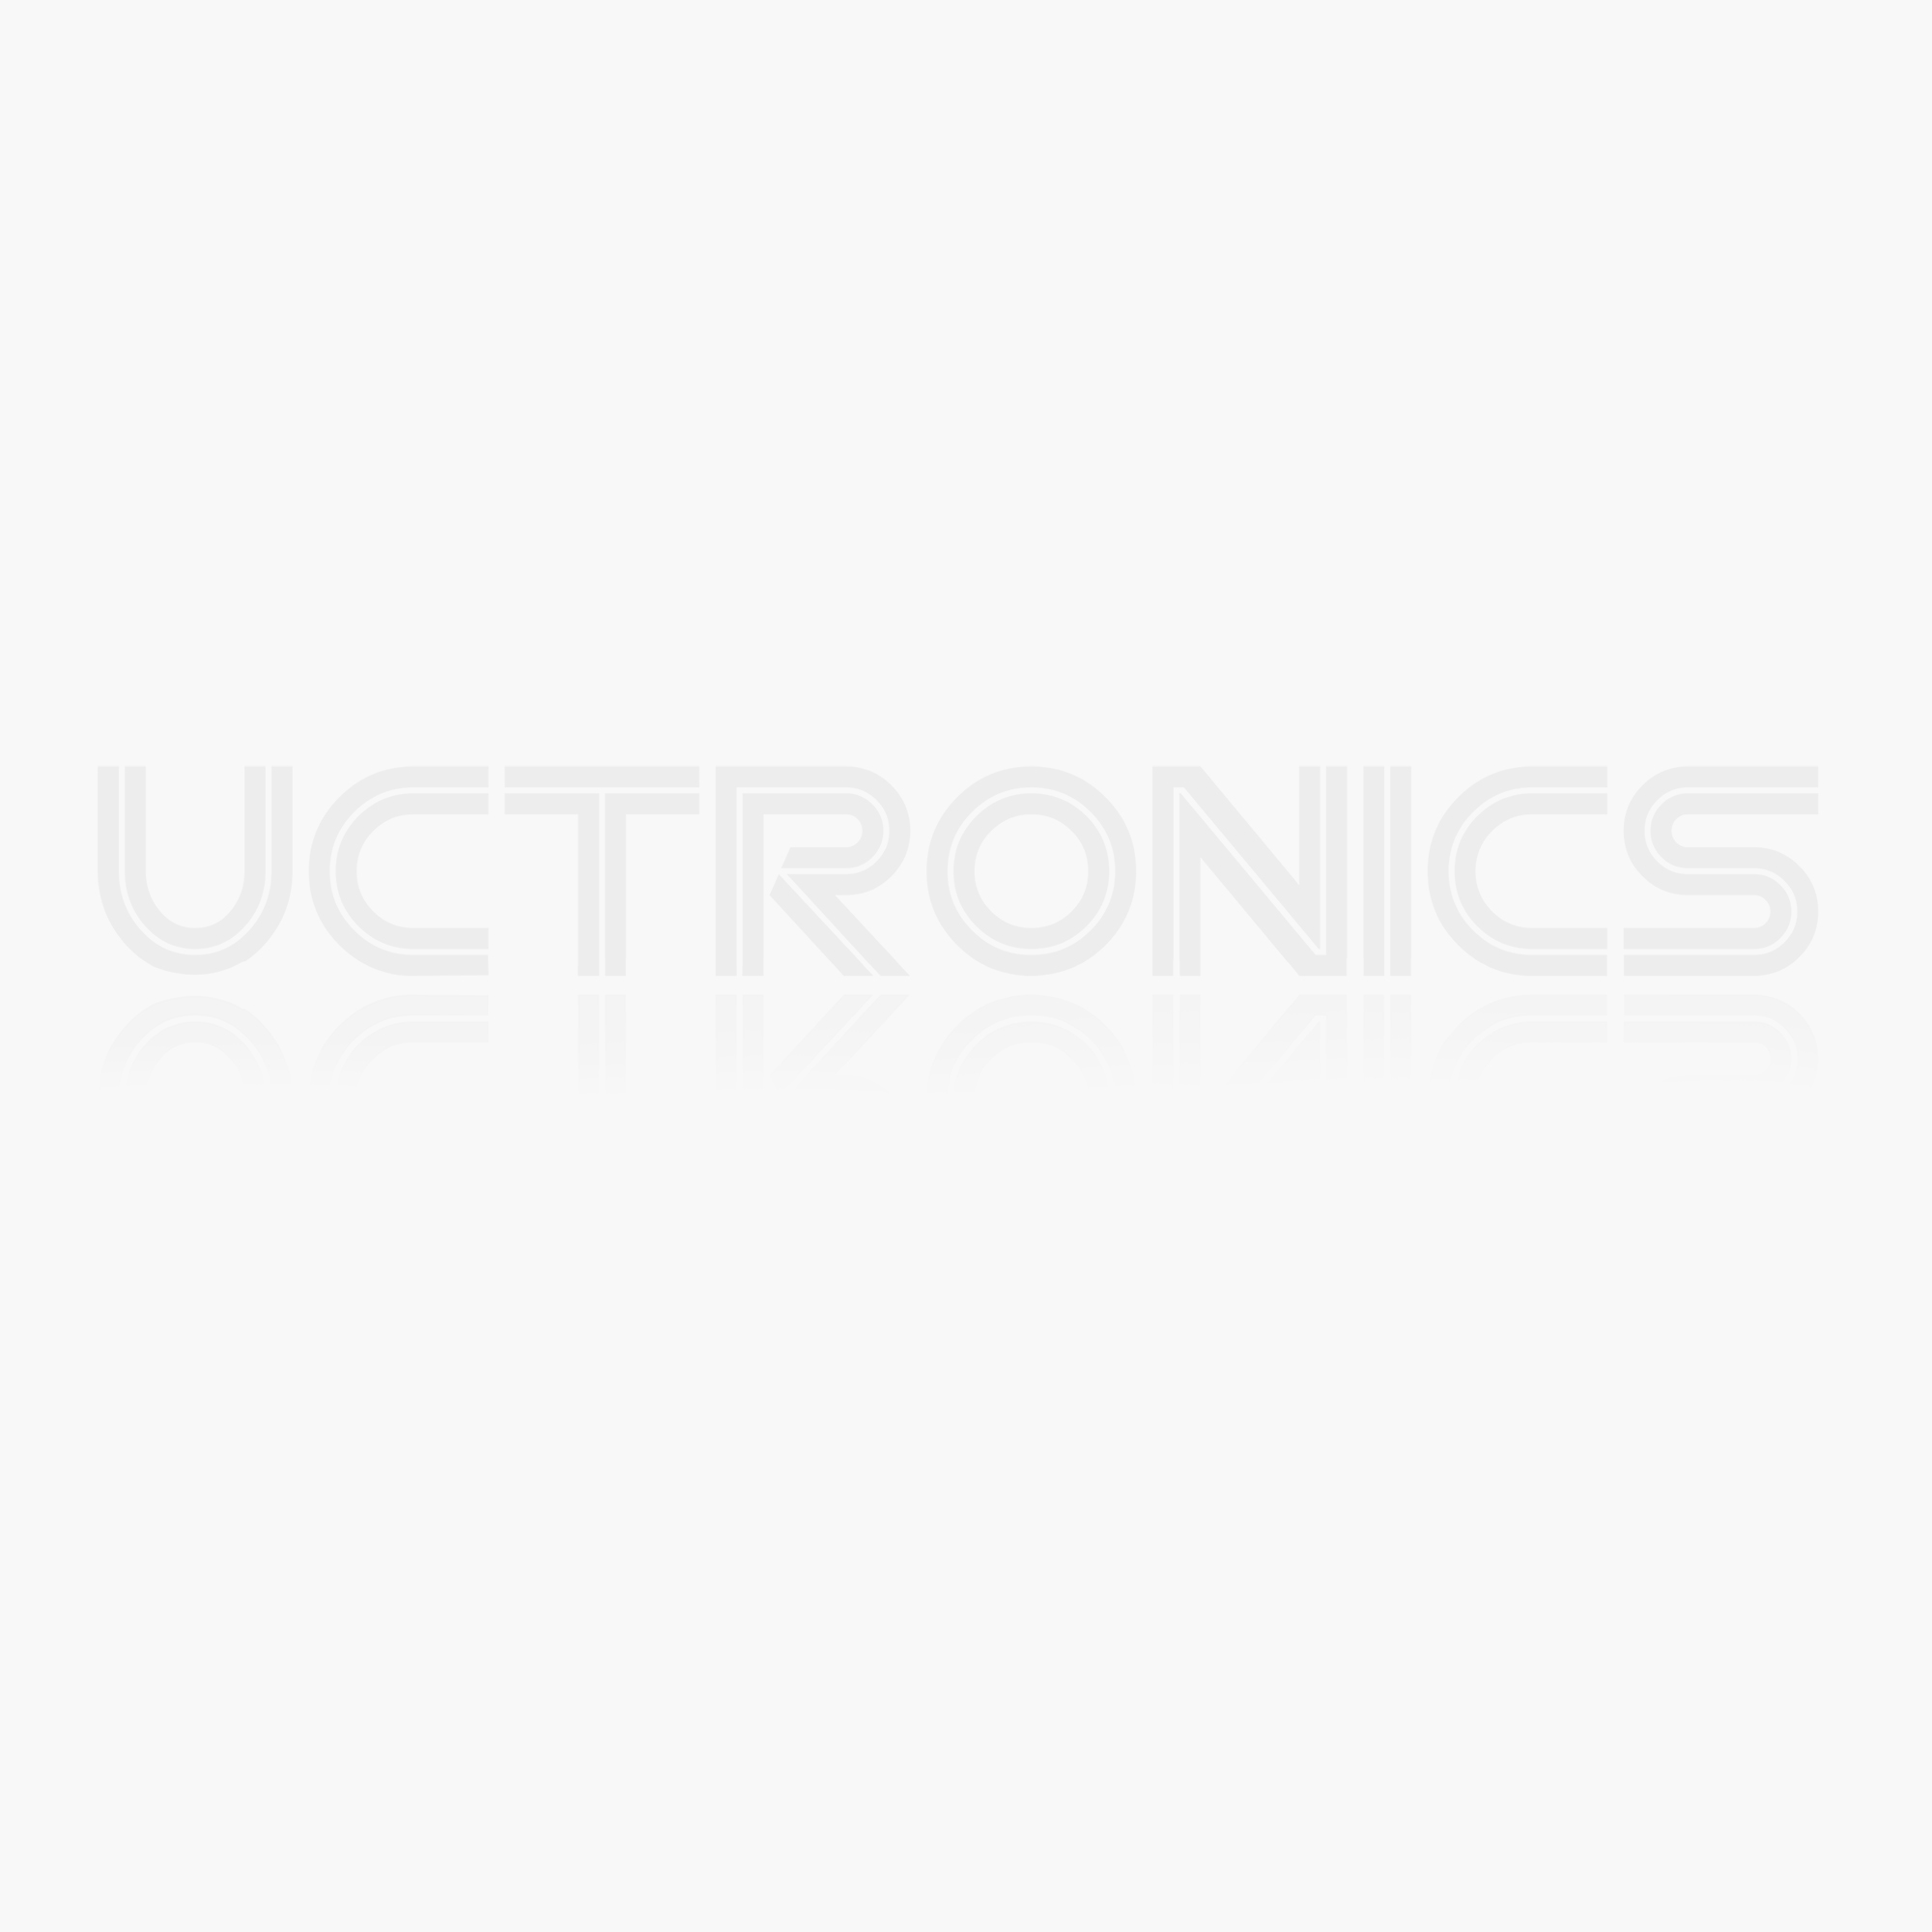 DC 3.2-9.99V Digital Voltage Meter - Green